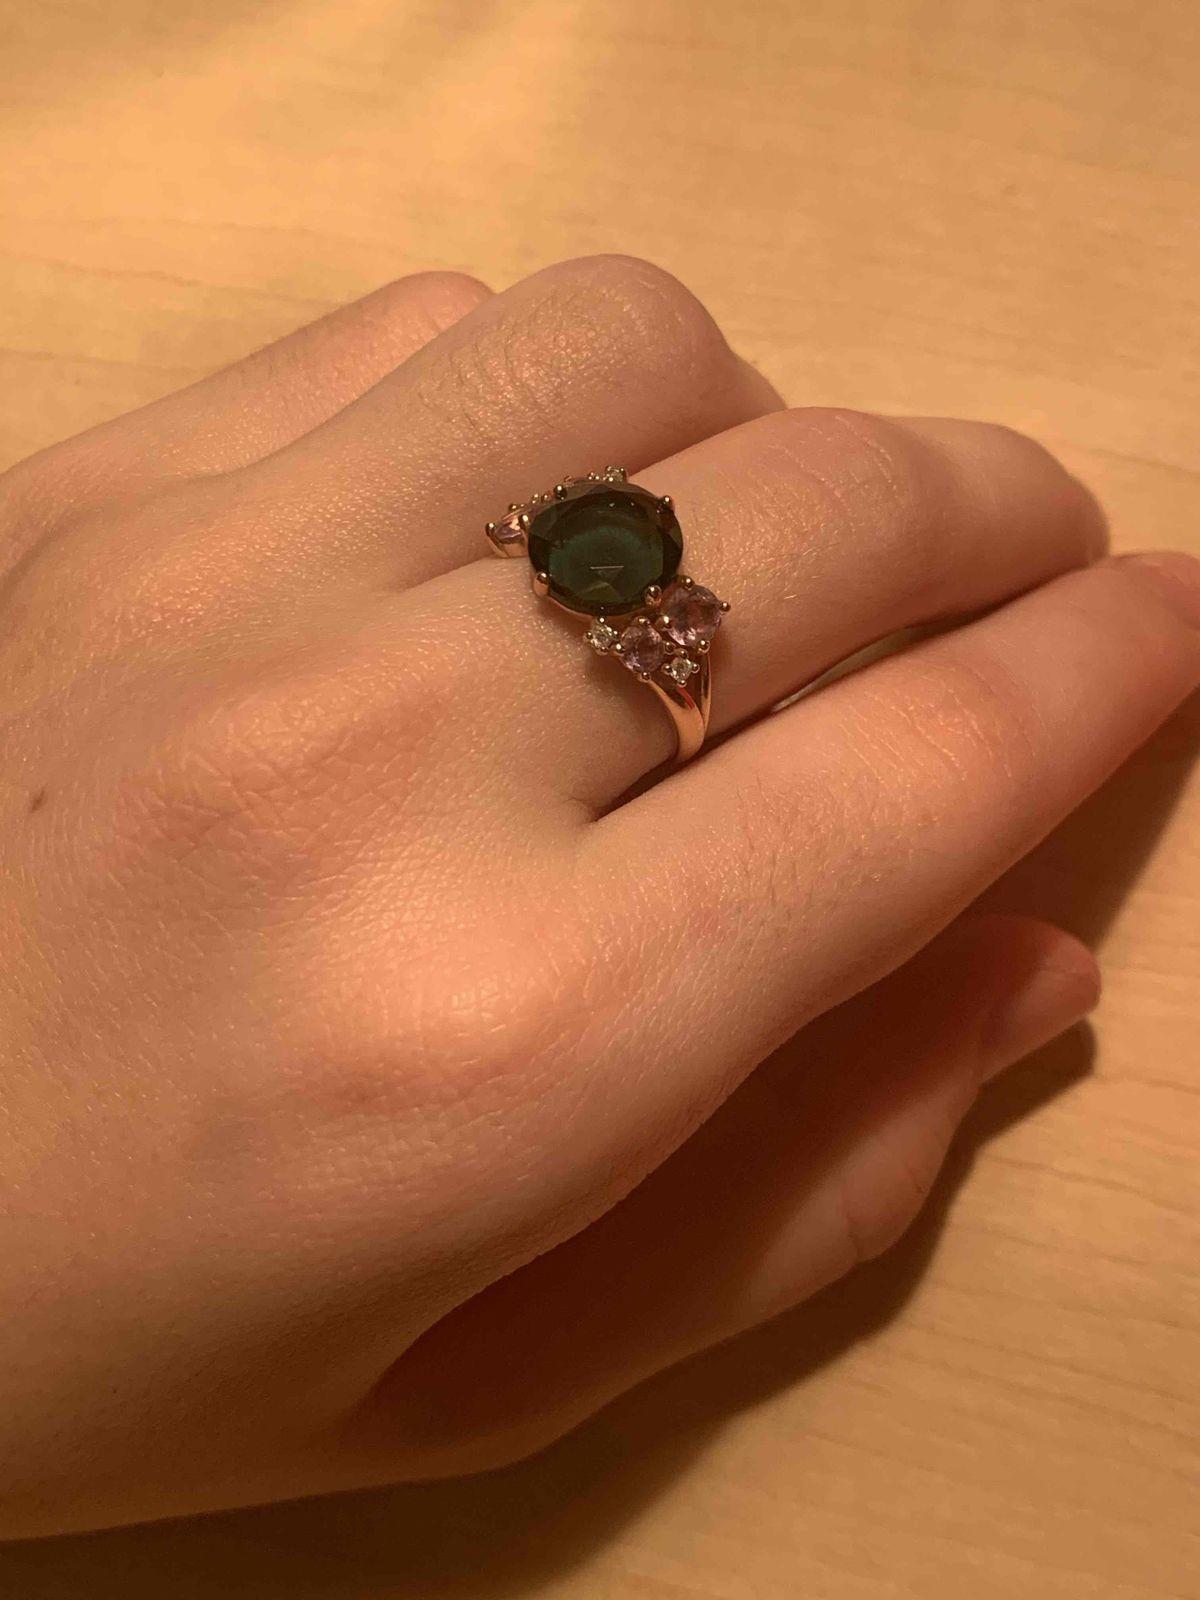 Моё любимоё кольцо